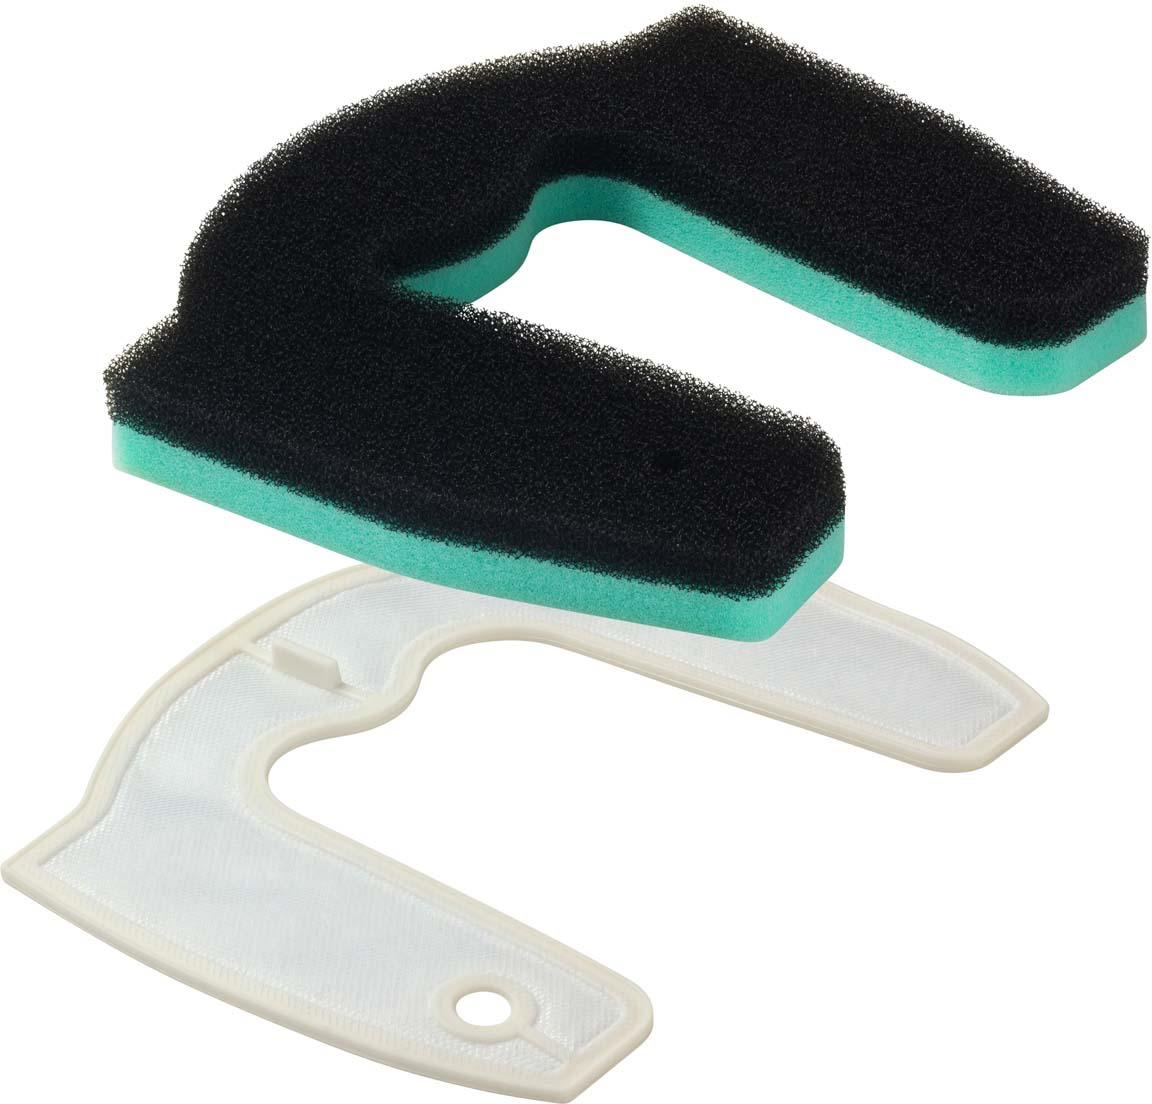 Neolux FLG-75 набор предмоторных фильтров для пылесосов LG, 2 шт цена